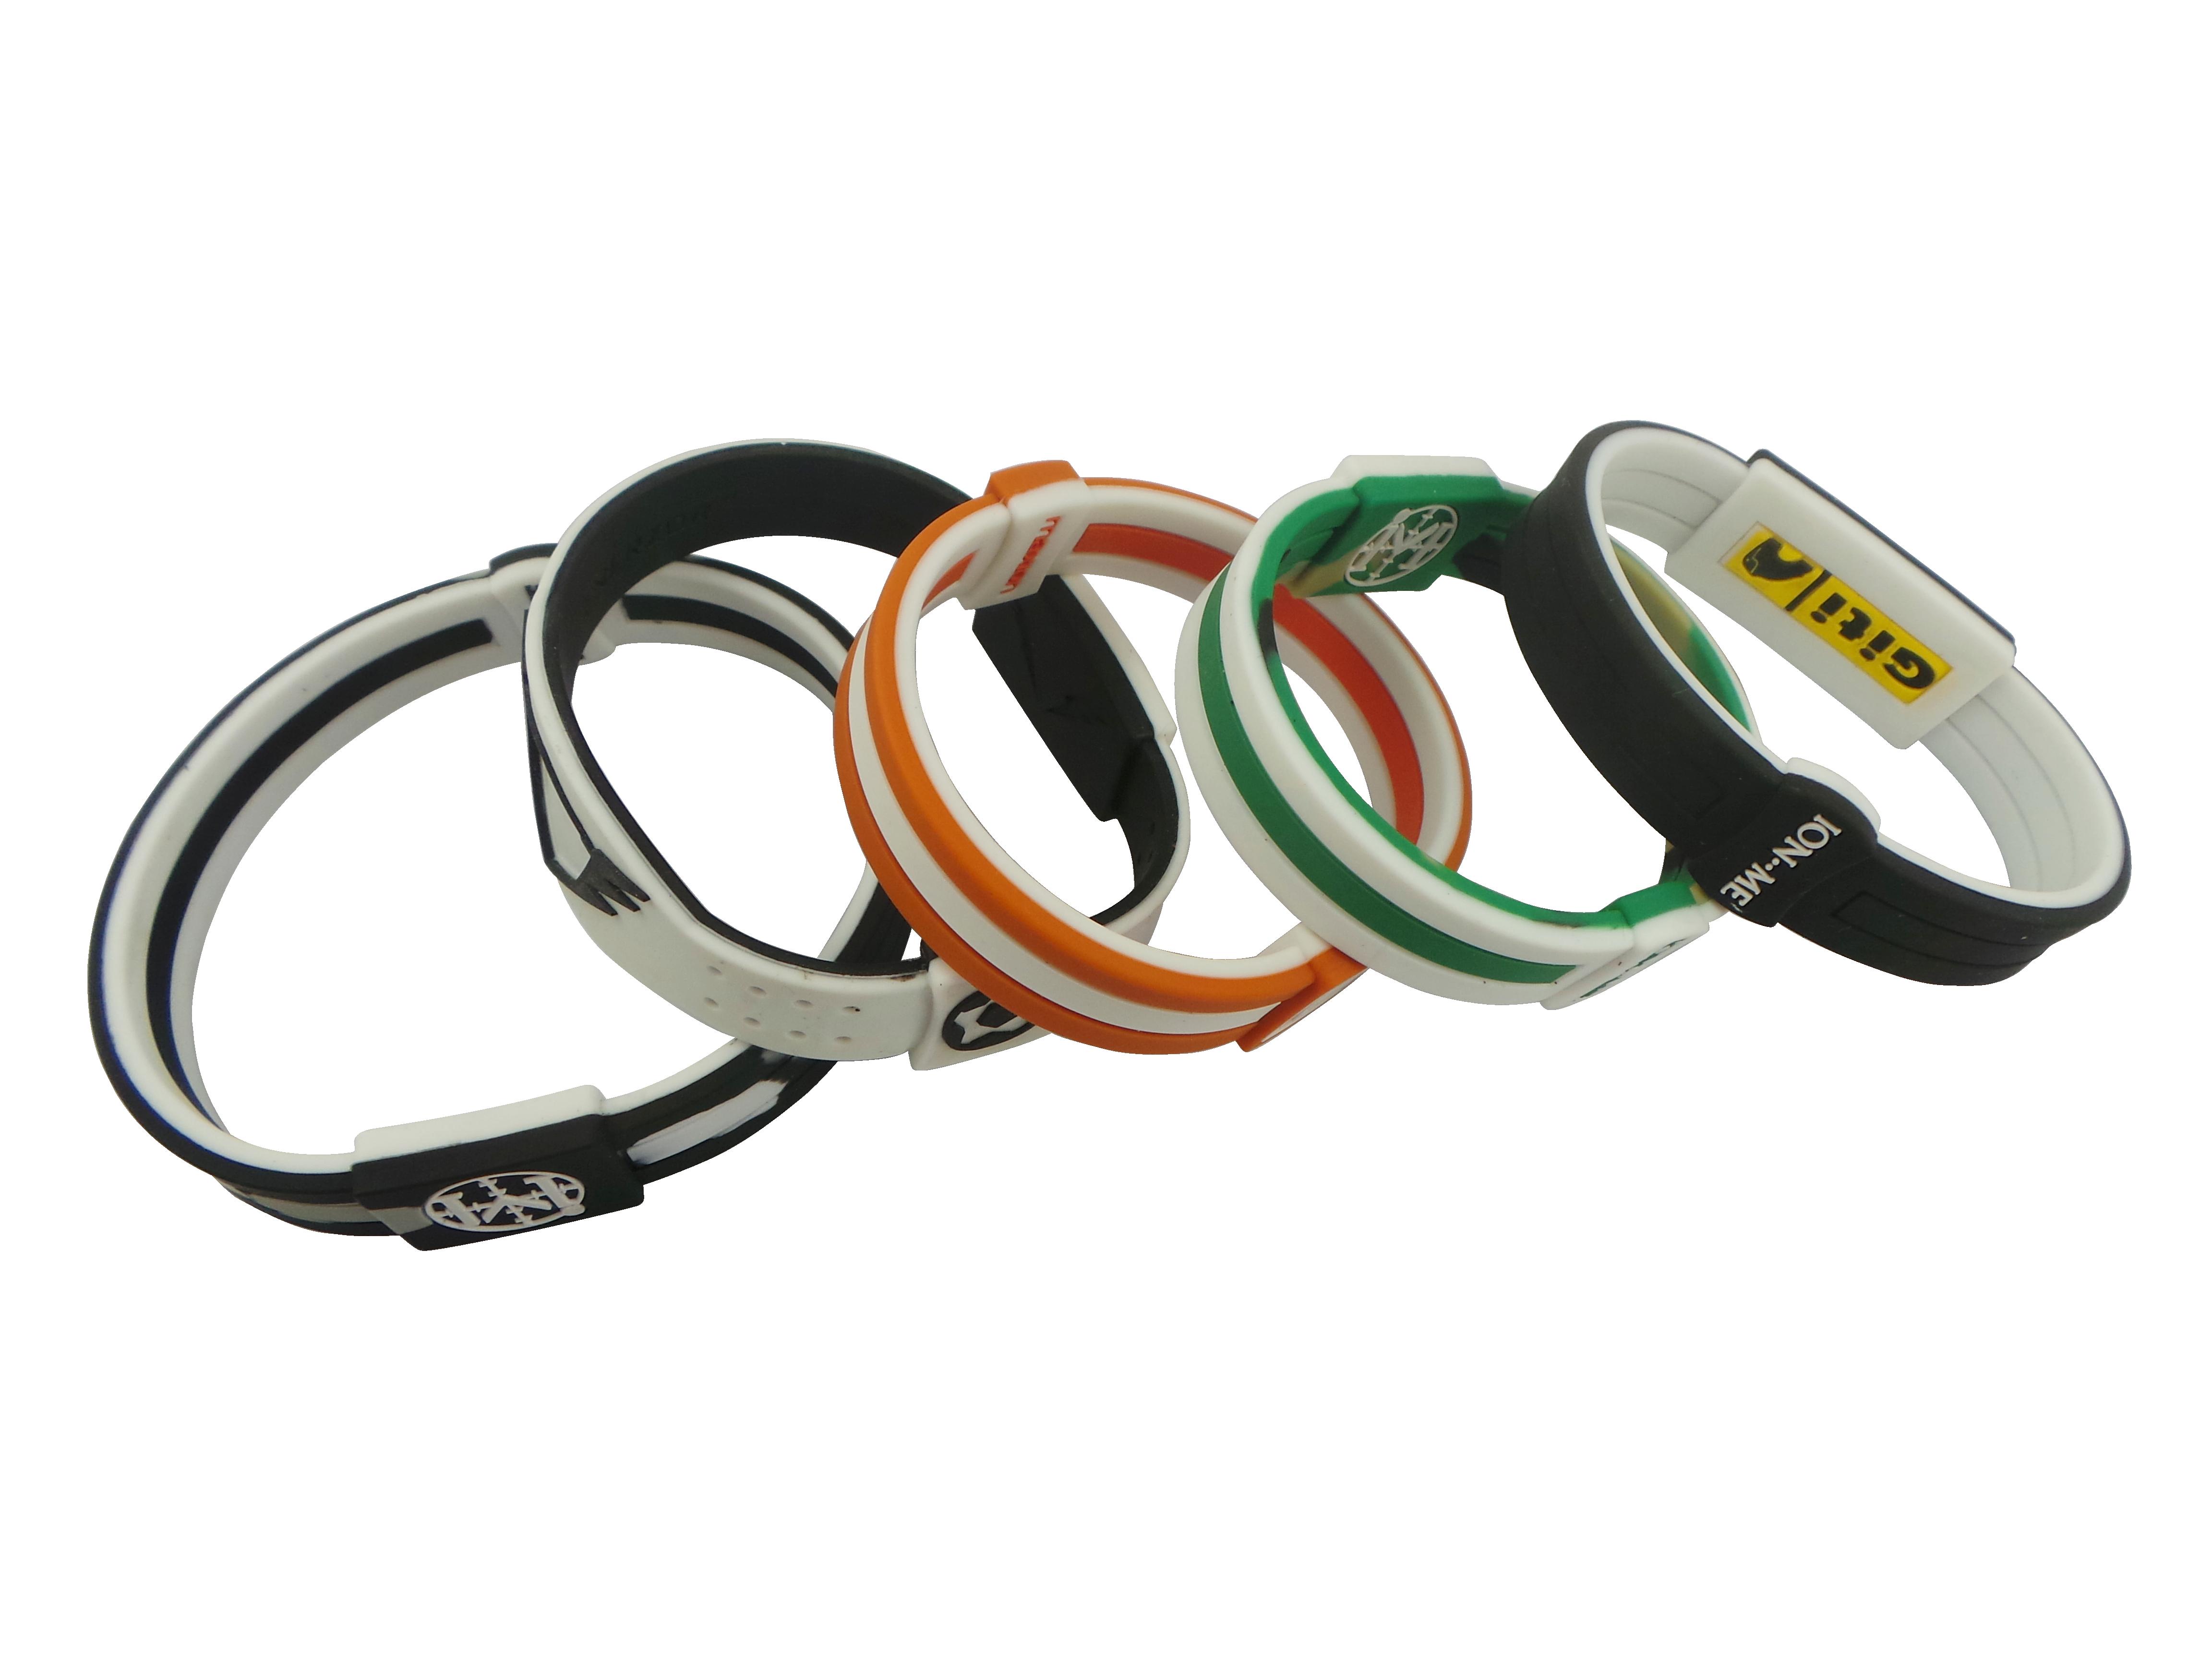 东莞厂家定制硅胶手环  硅胶滴胶手环  硅胶双色手环 手腕带